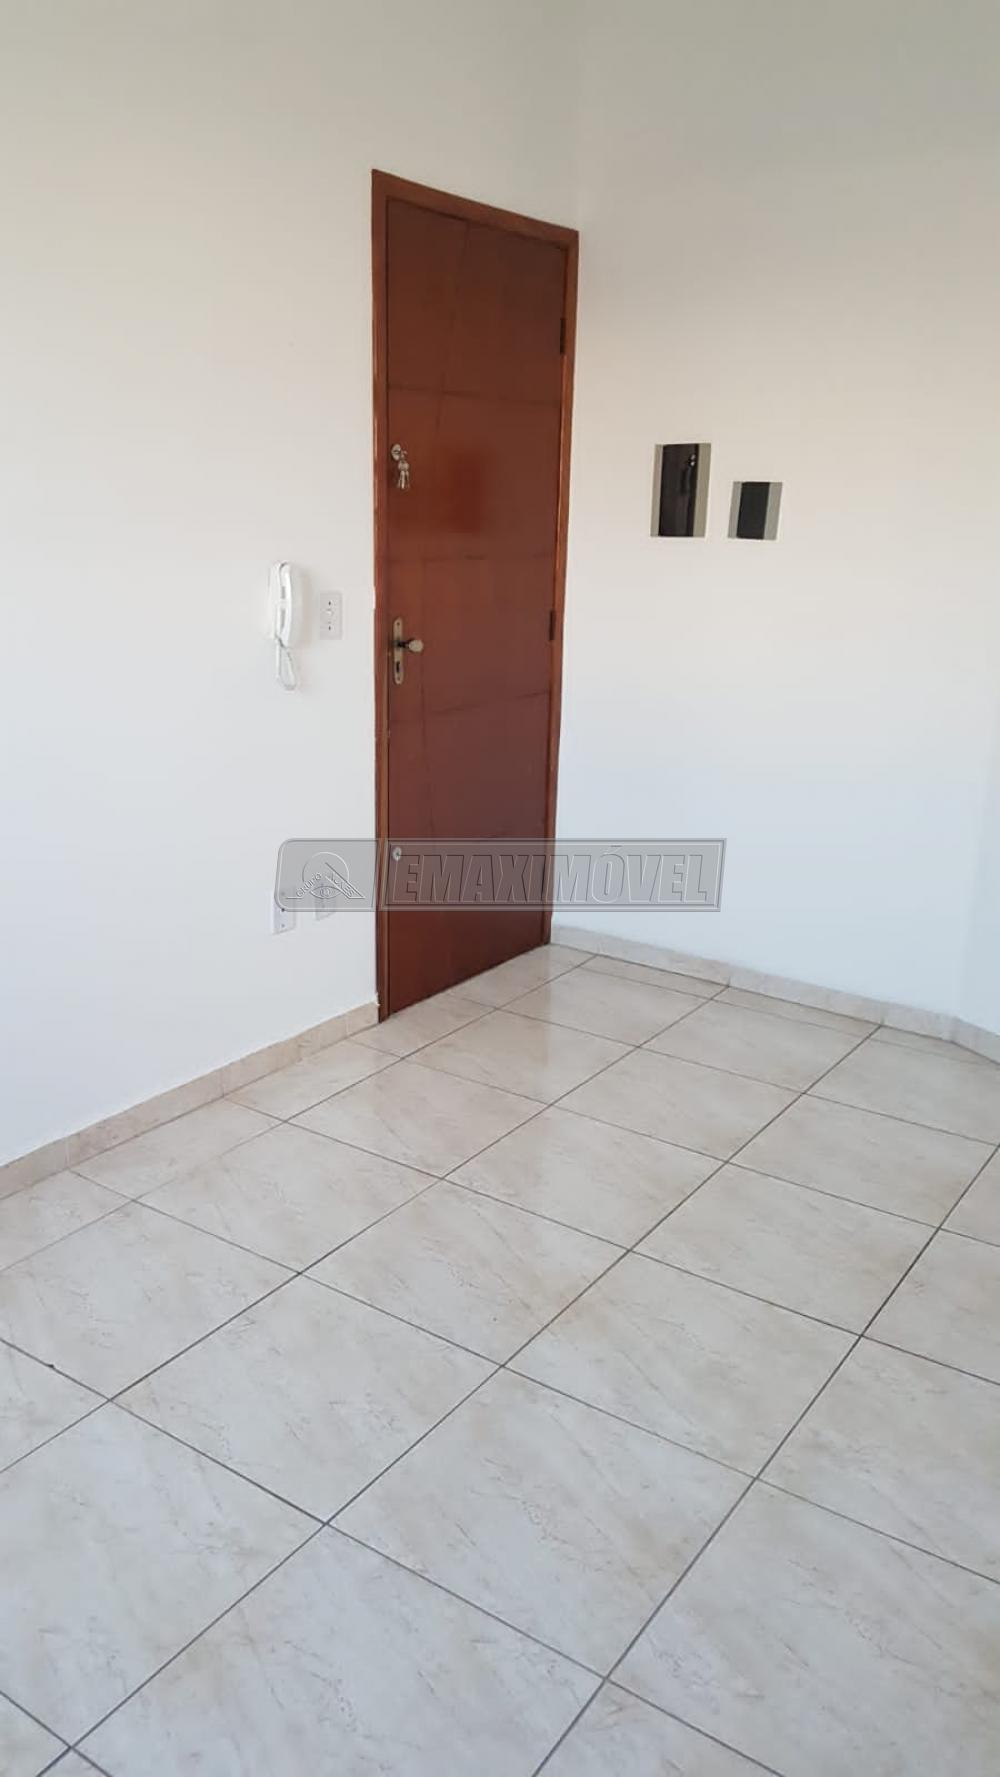 Comprar Apartamento / Padrão em Sorocaba R$ 175.000,00 - Foto 3